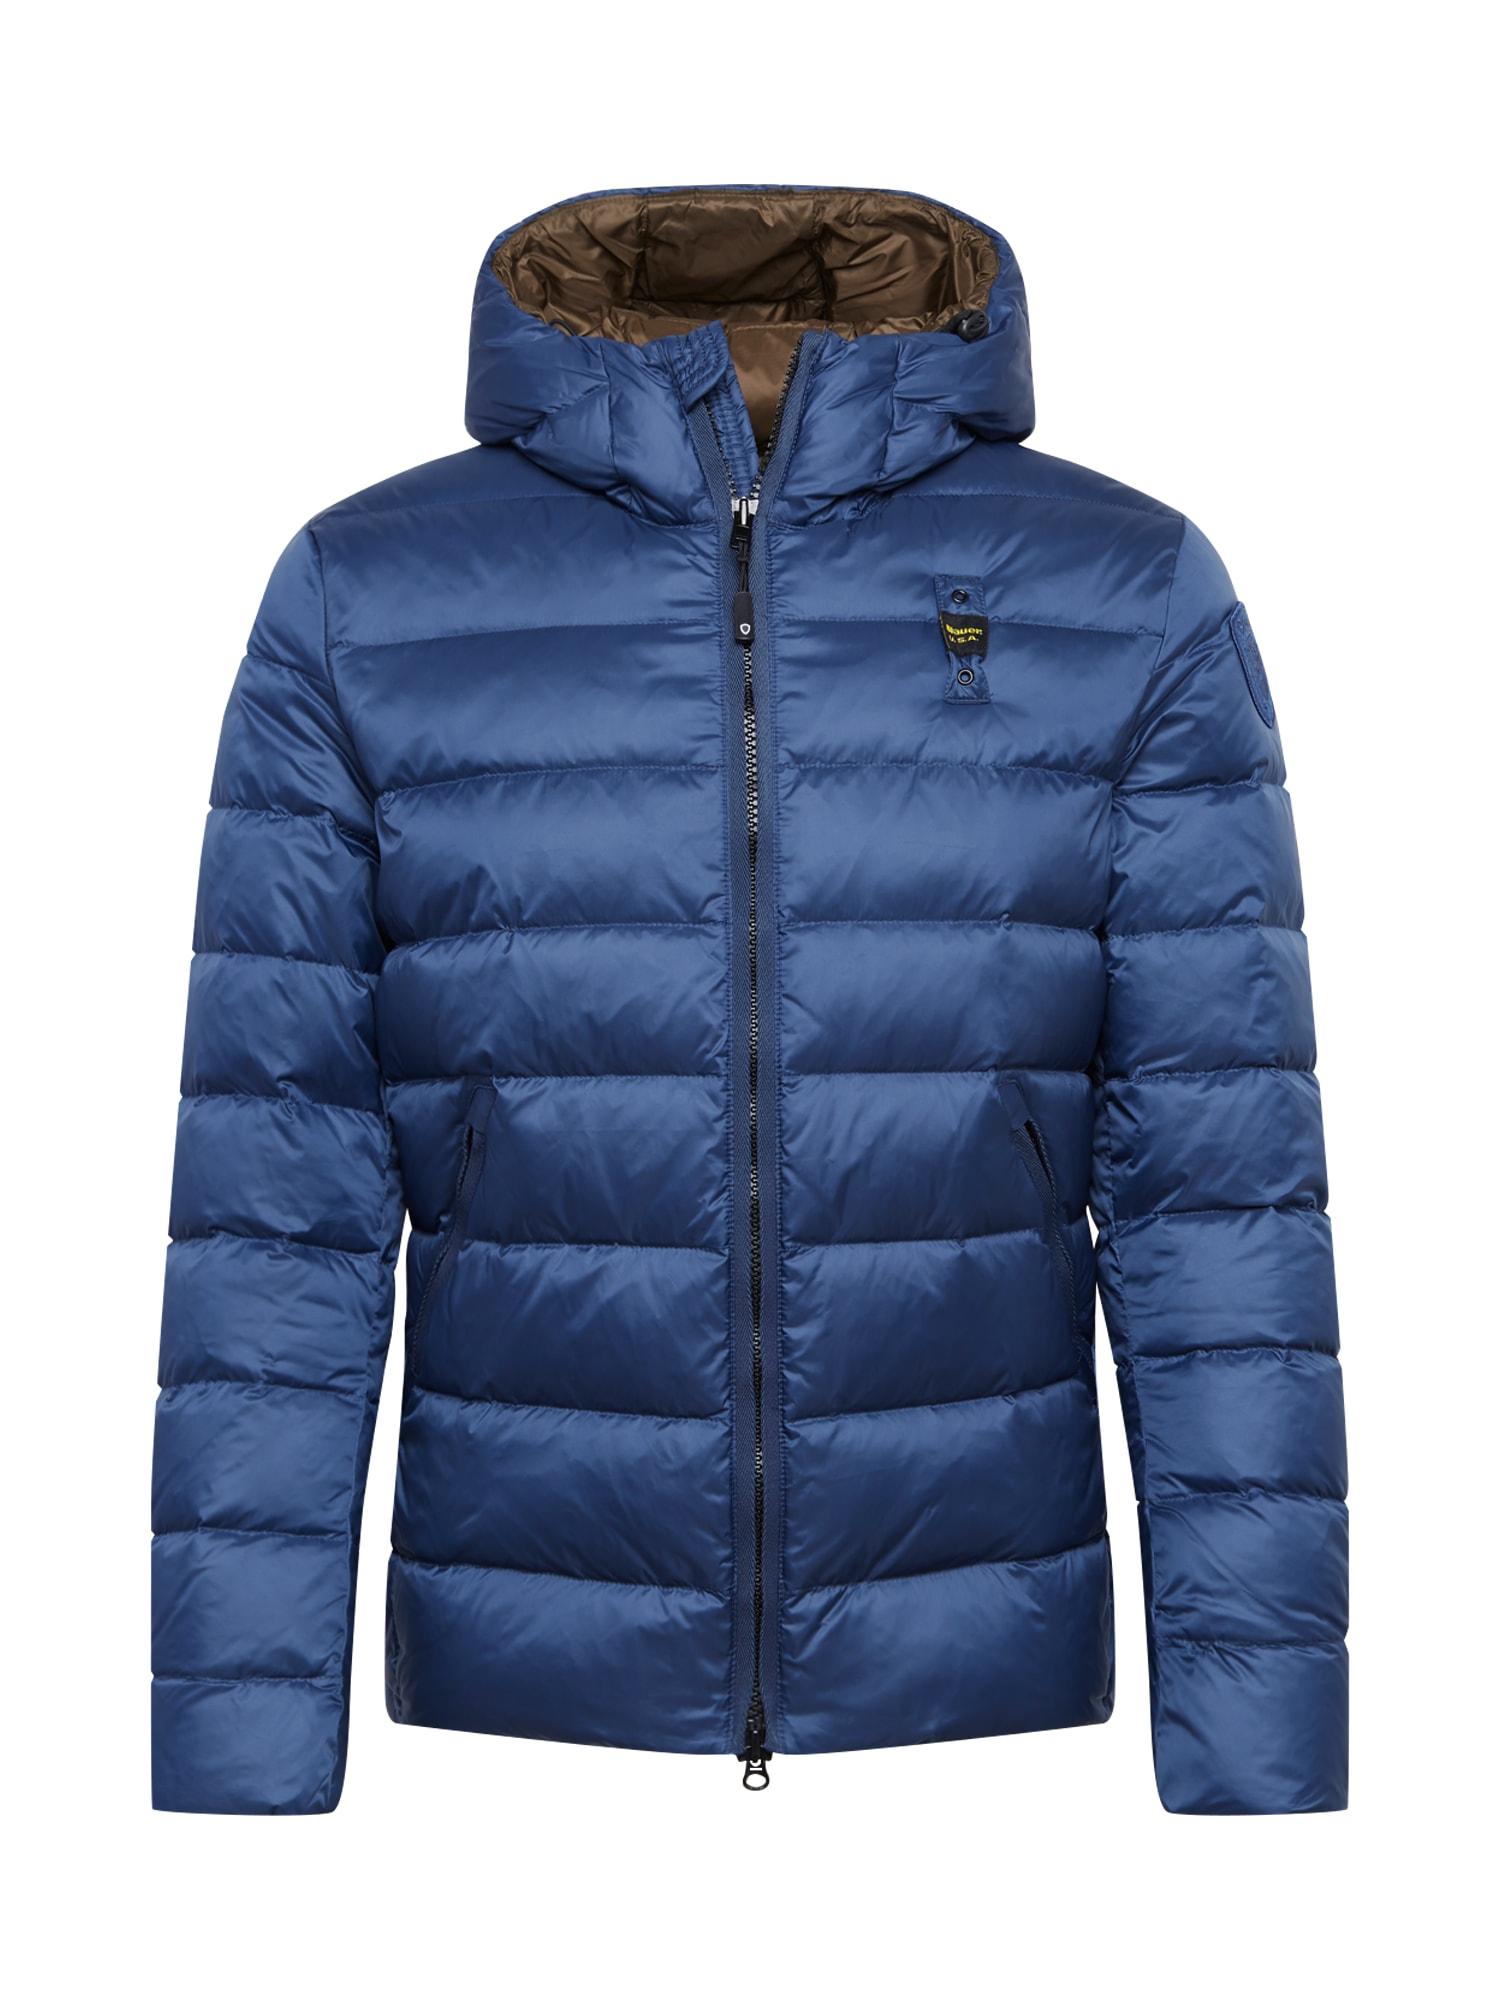 Blauer.USA Žieminė striukė mėlyna